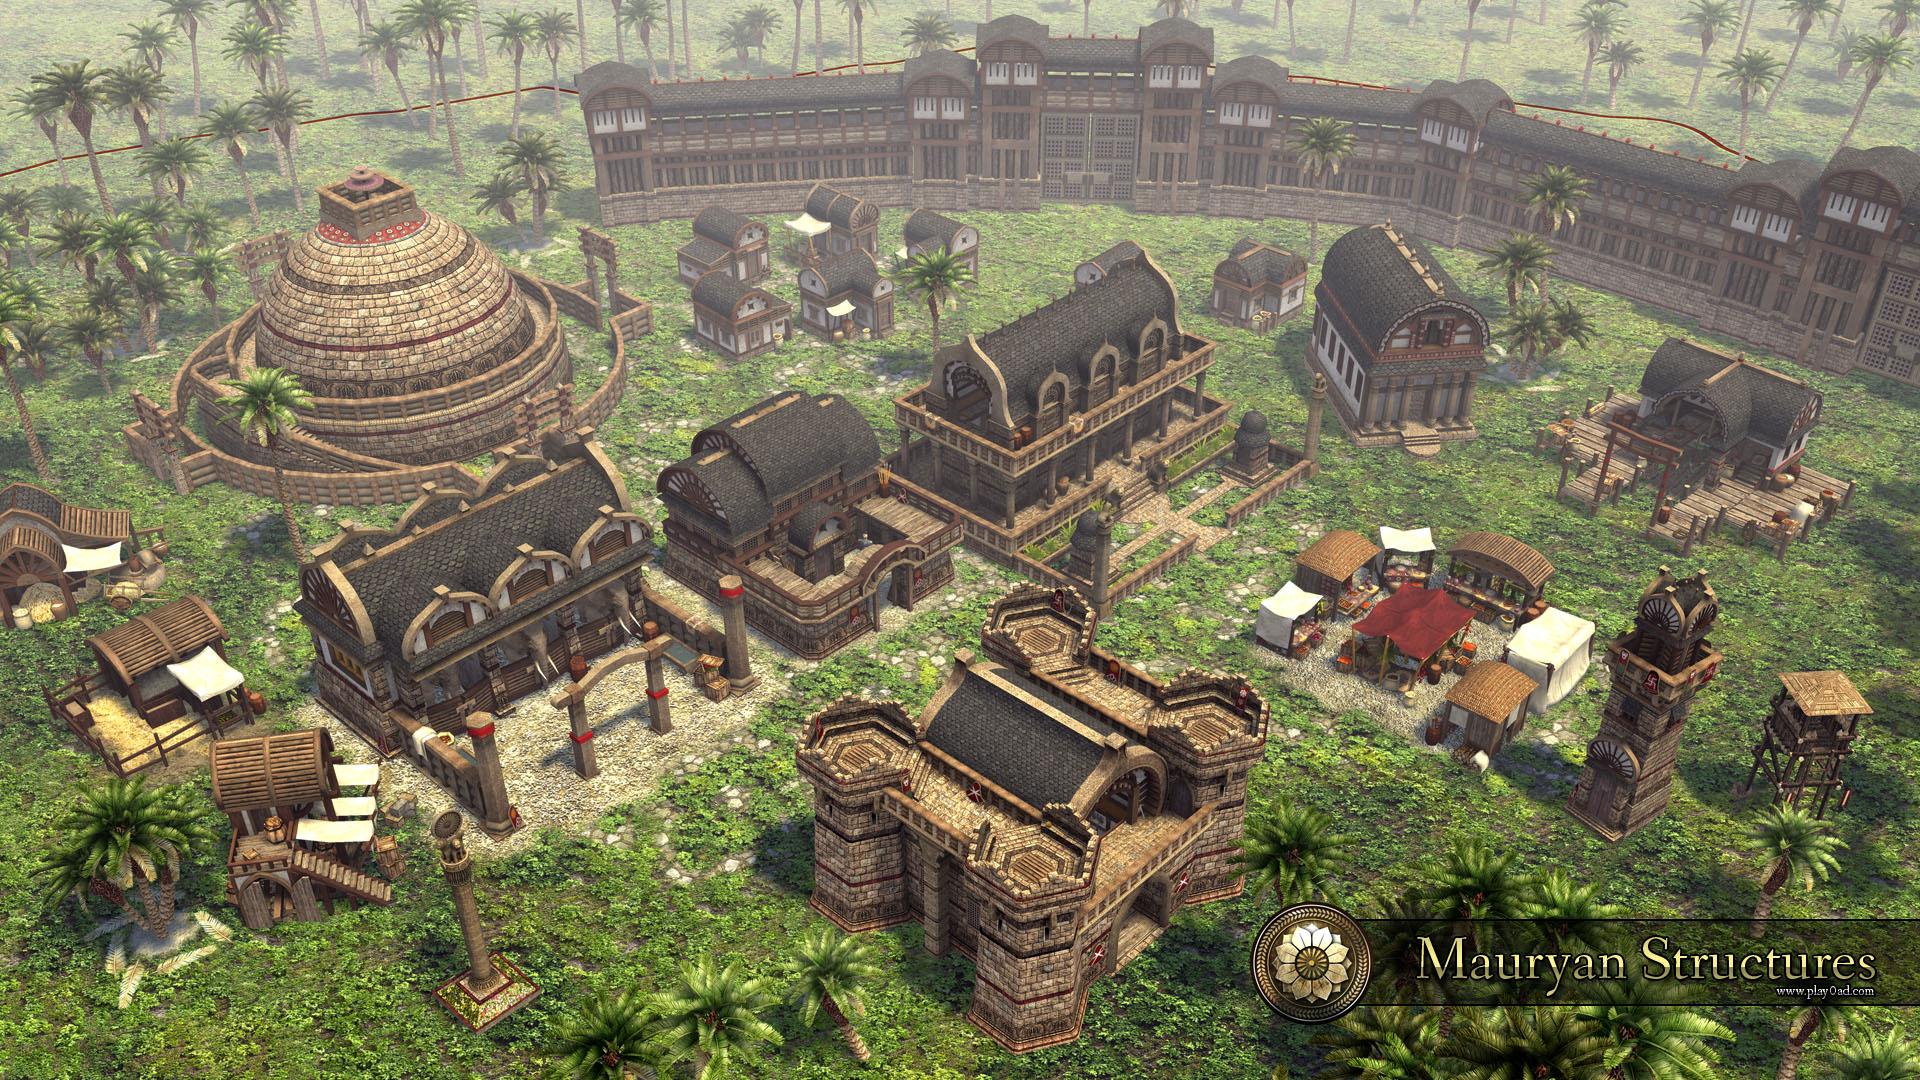 Mauryan Structures